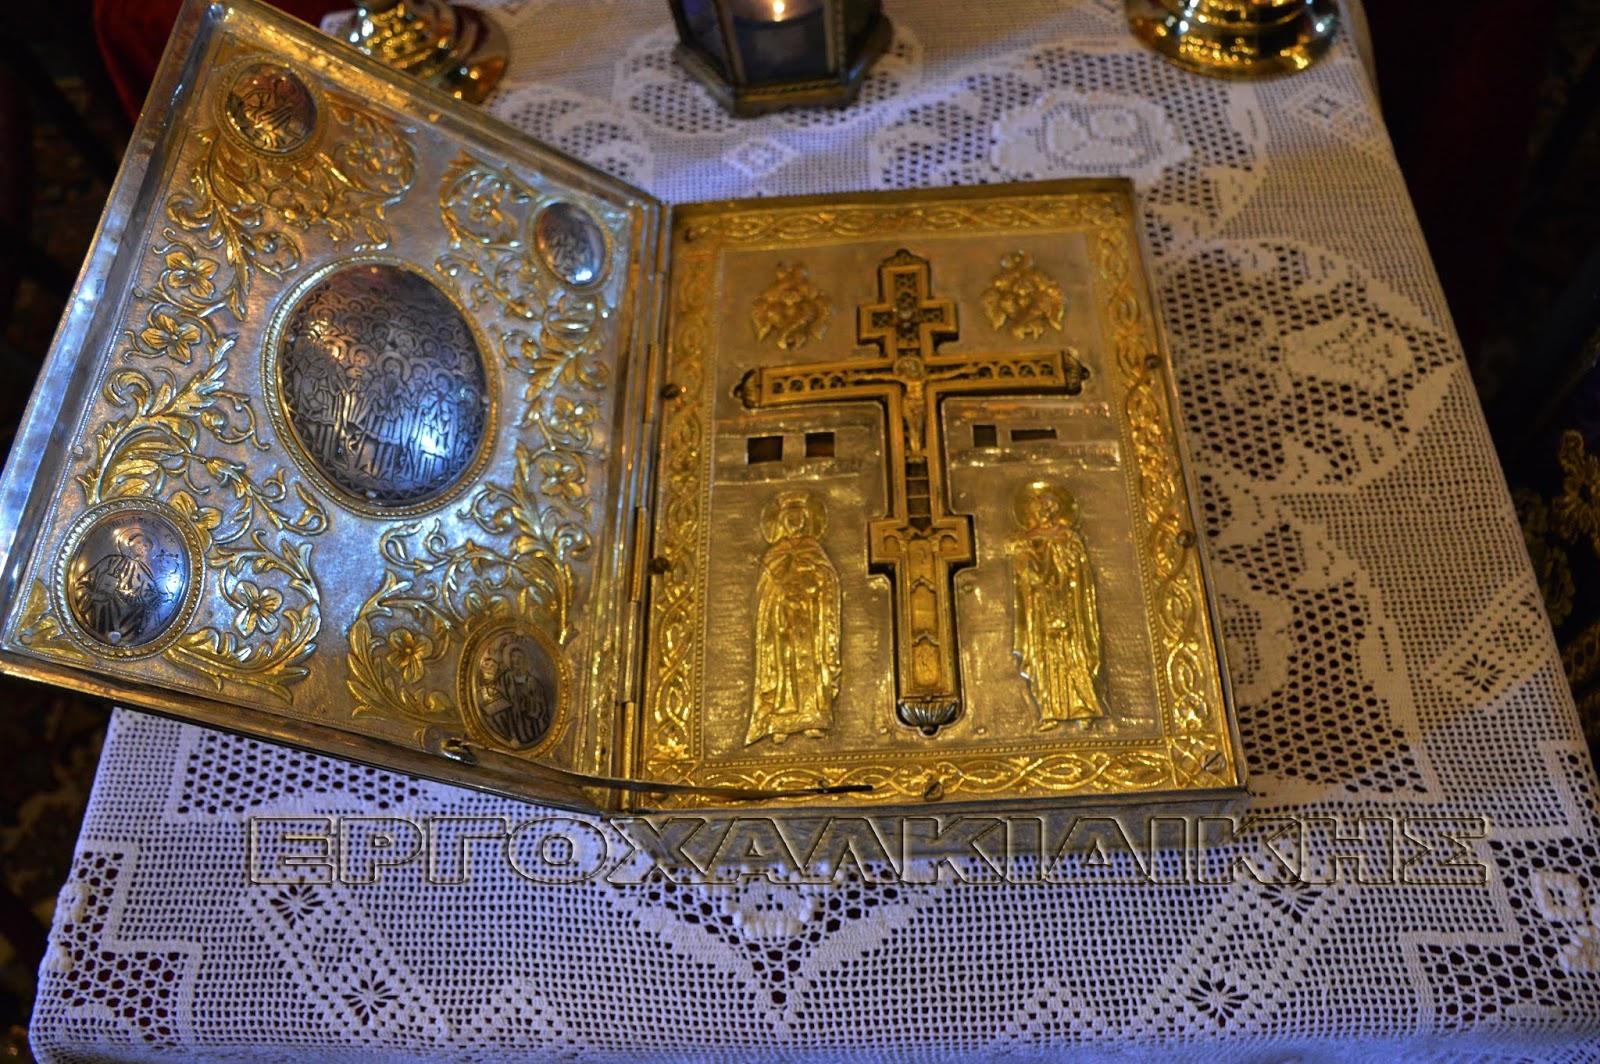 Το Τίμιο Ξύλο στην Αρναία προς αγιασμό των πιστών (βίντεο φώτο)